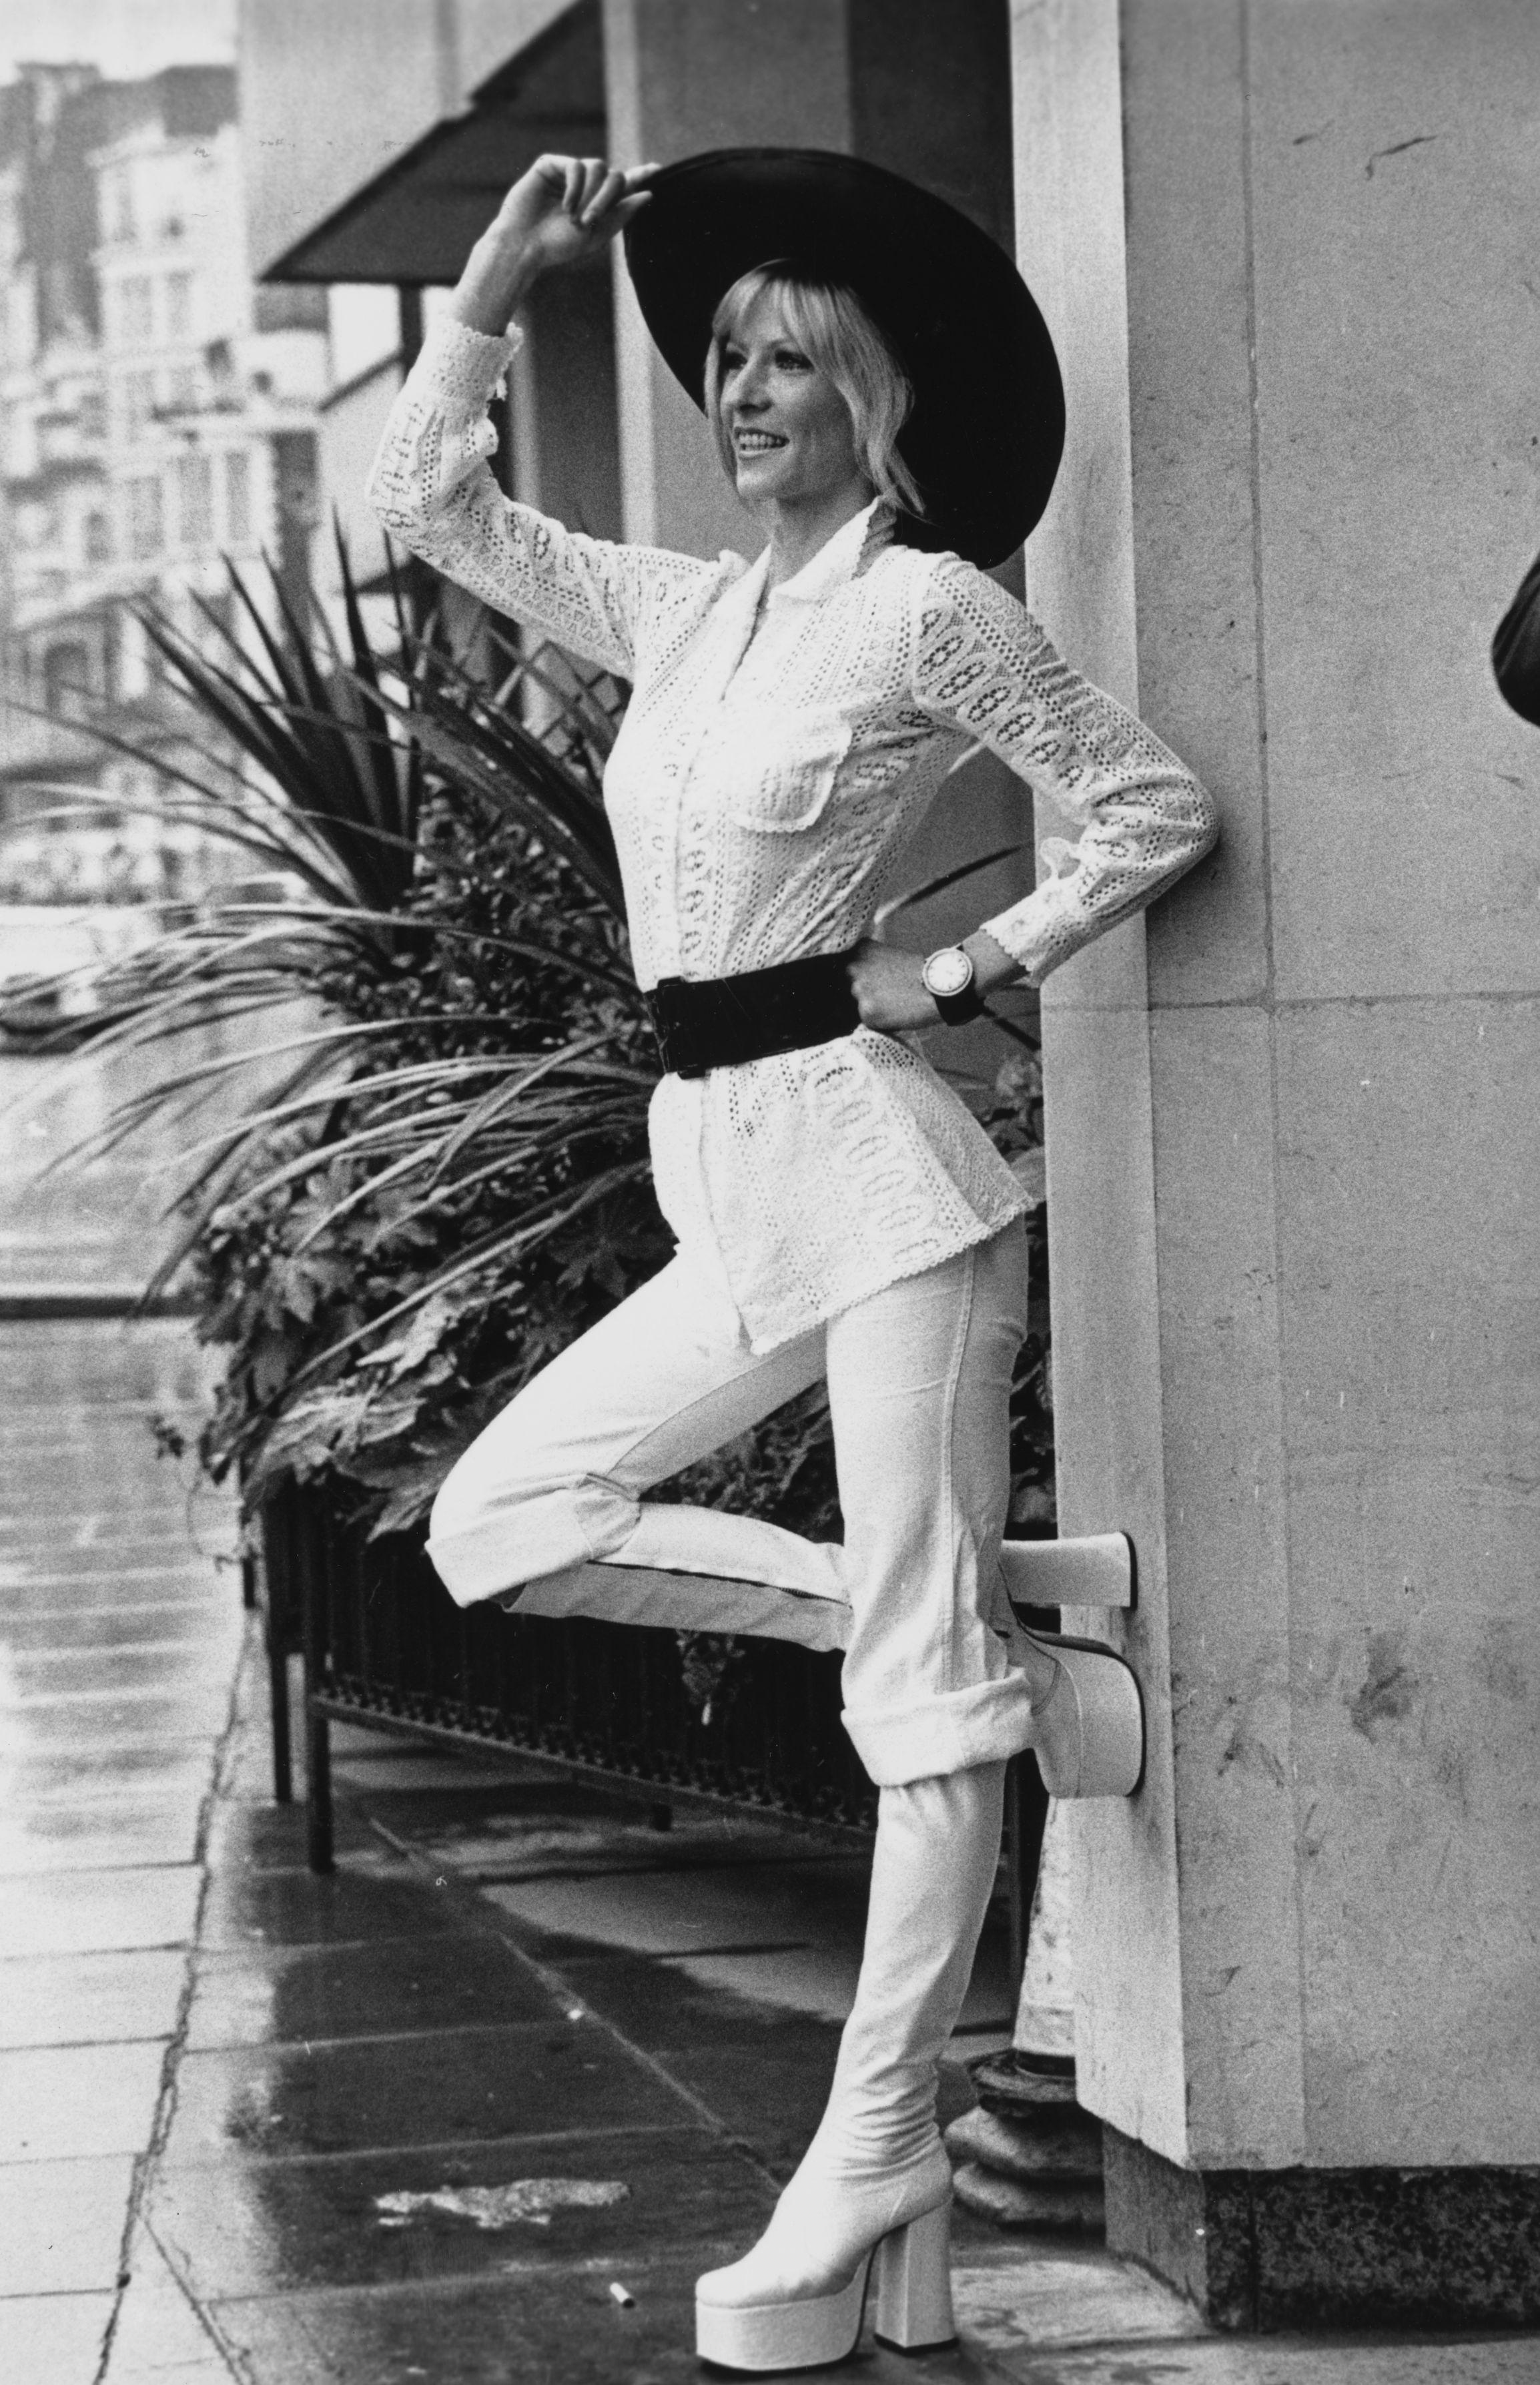 През 1972 г., в модата започва да навлиза отново един моден аксесоар - широките колани на талията.